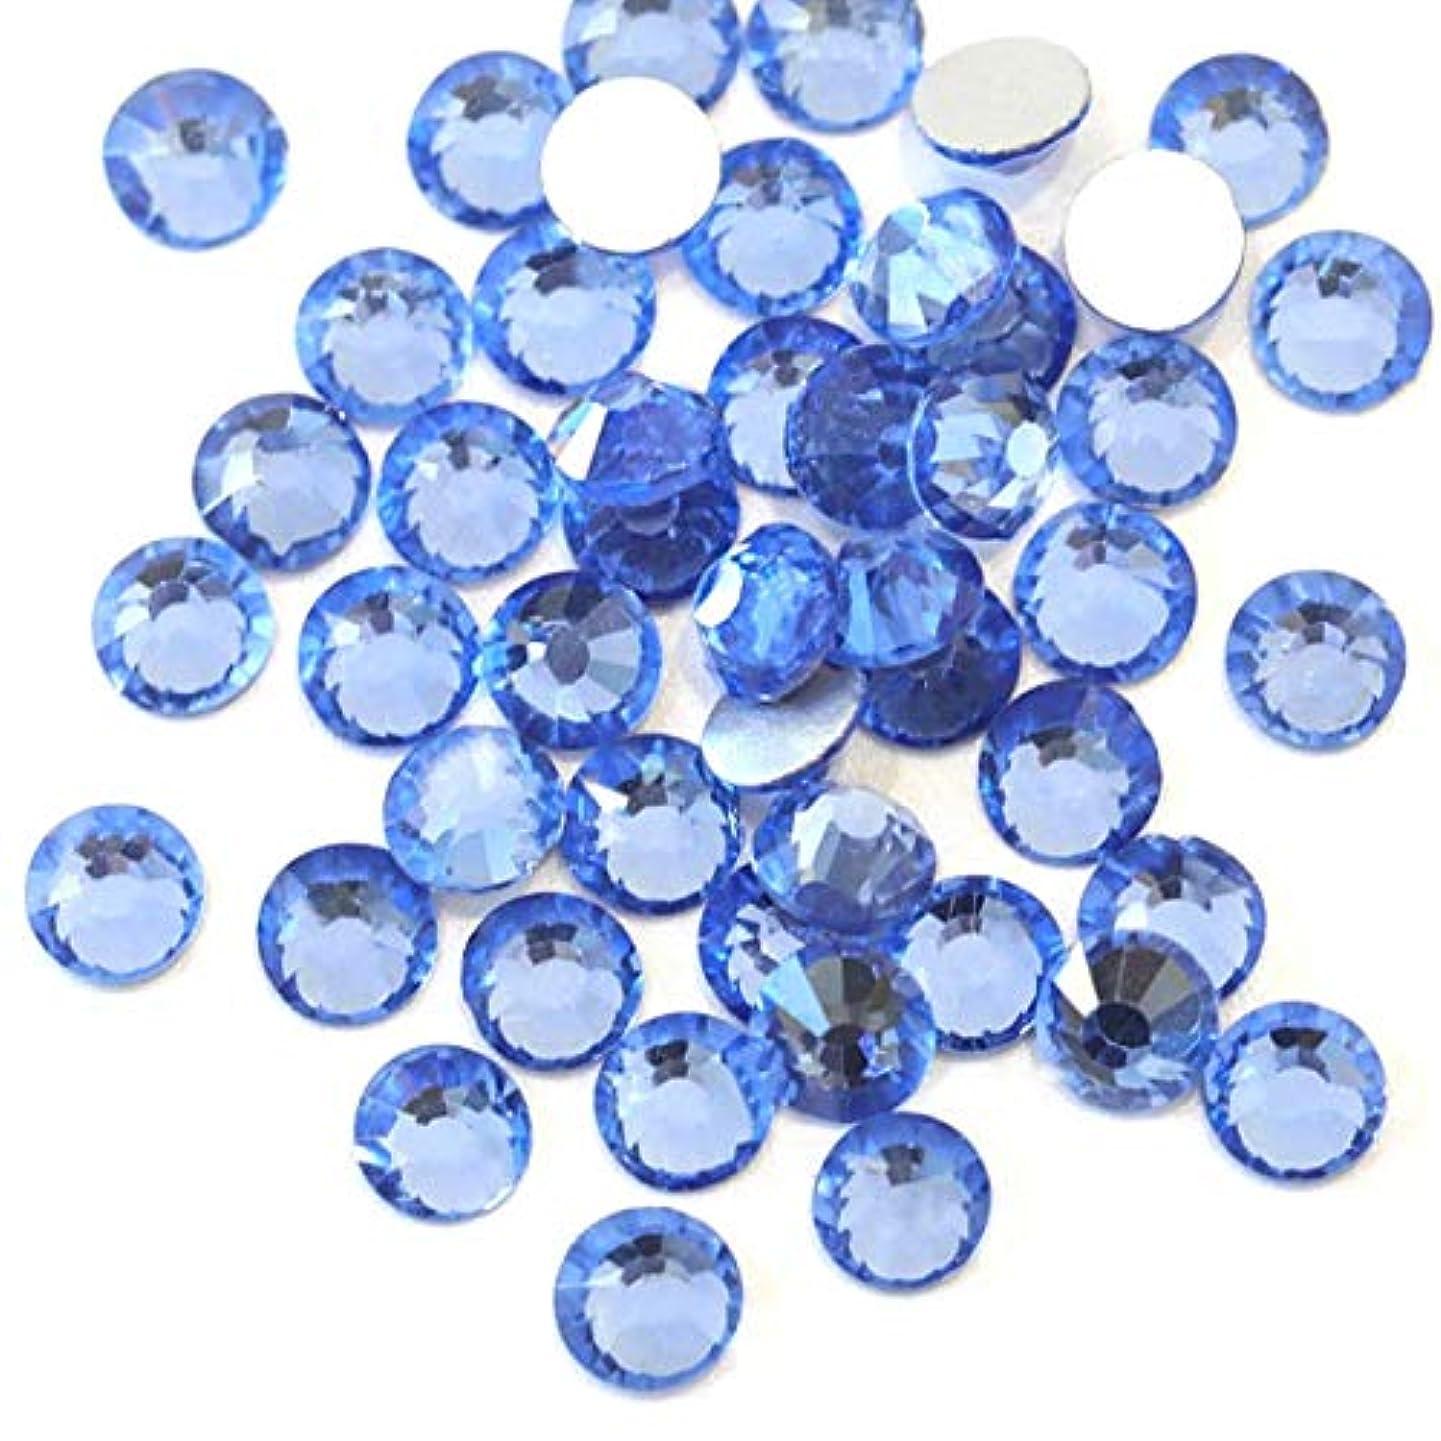 行動モニター文明【ラインストーン77】 超高級 ガラス製ラインストーン SS4~SS40 ライトサファイア スワロフスキー同等 (3.0mm (SS12) 約200粒)